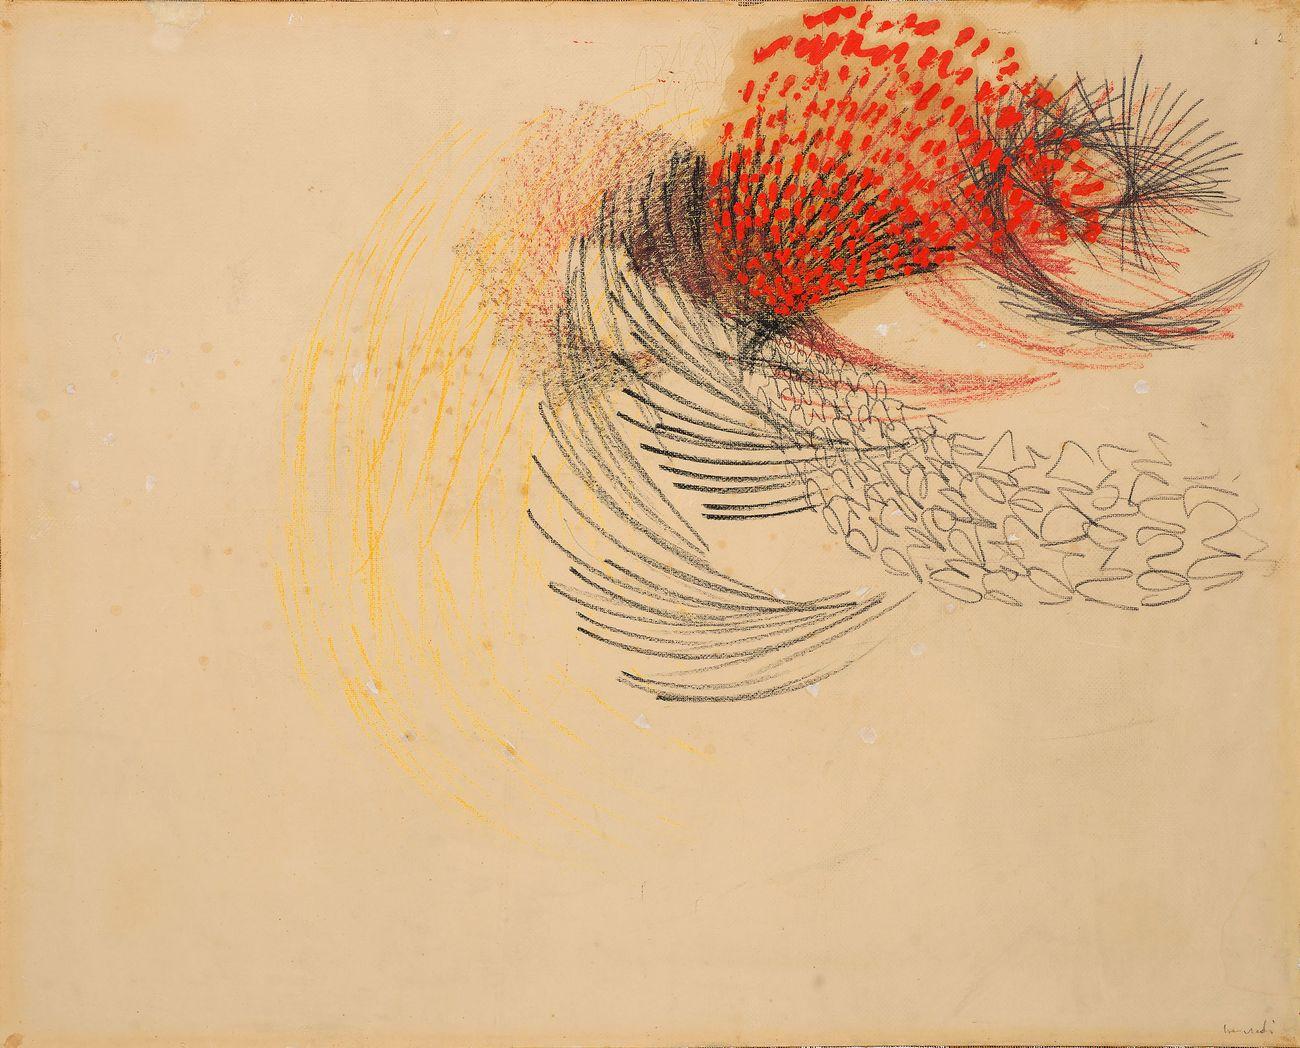 Tancredi Parmeggiani, Senza titolo, 1953, tecnica mista su carta intelata, cm 73x90. Courtesy Blindarte